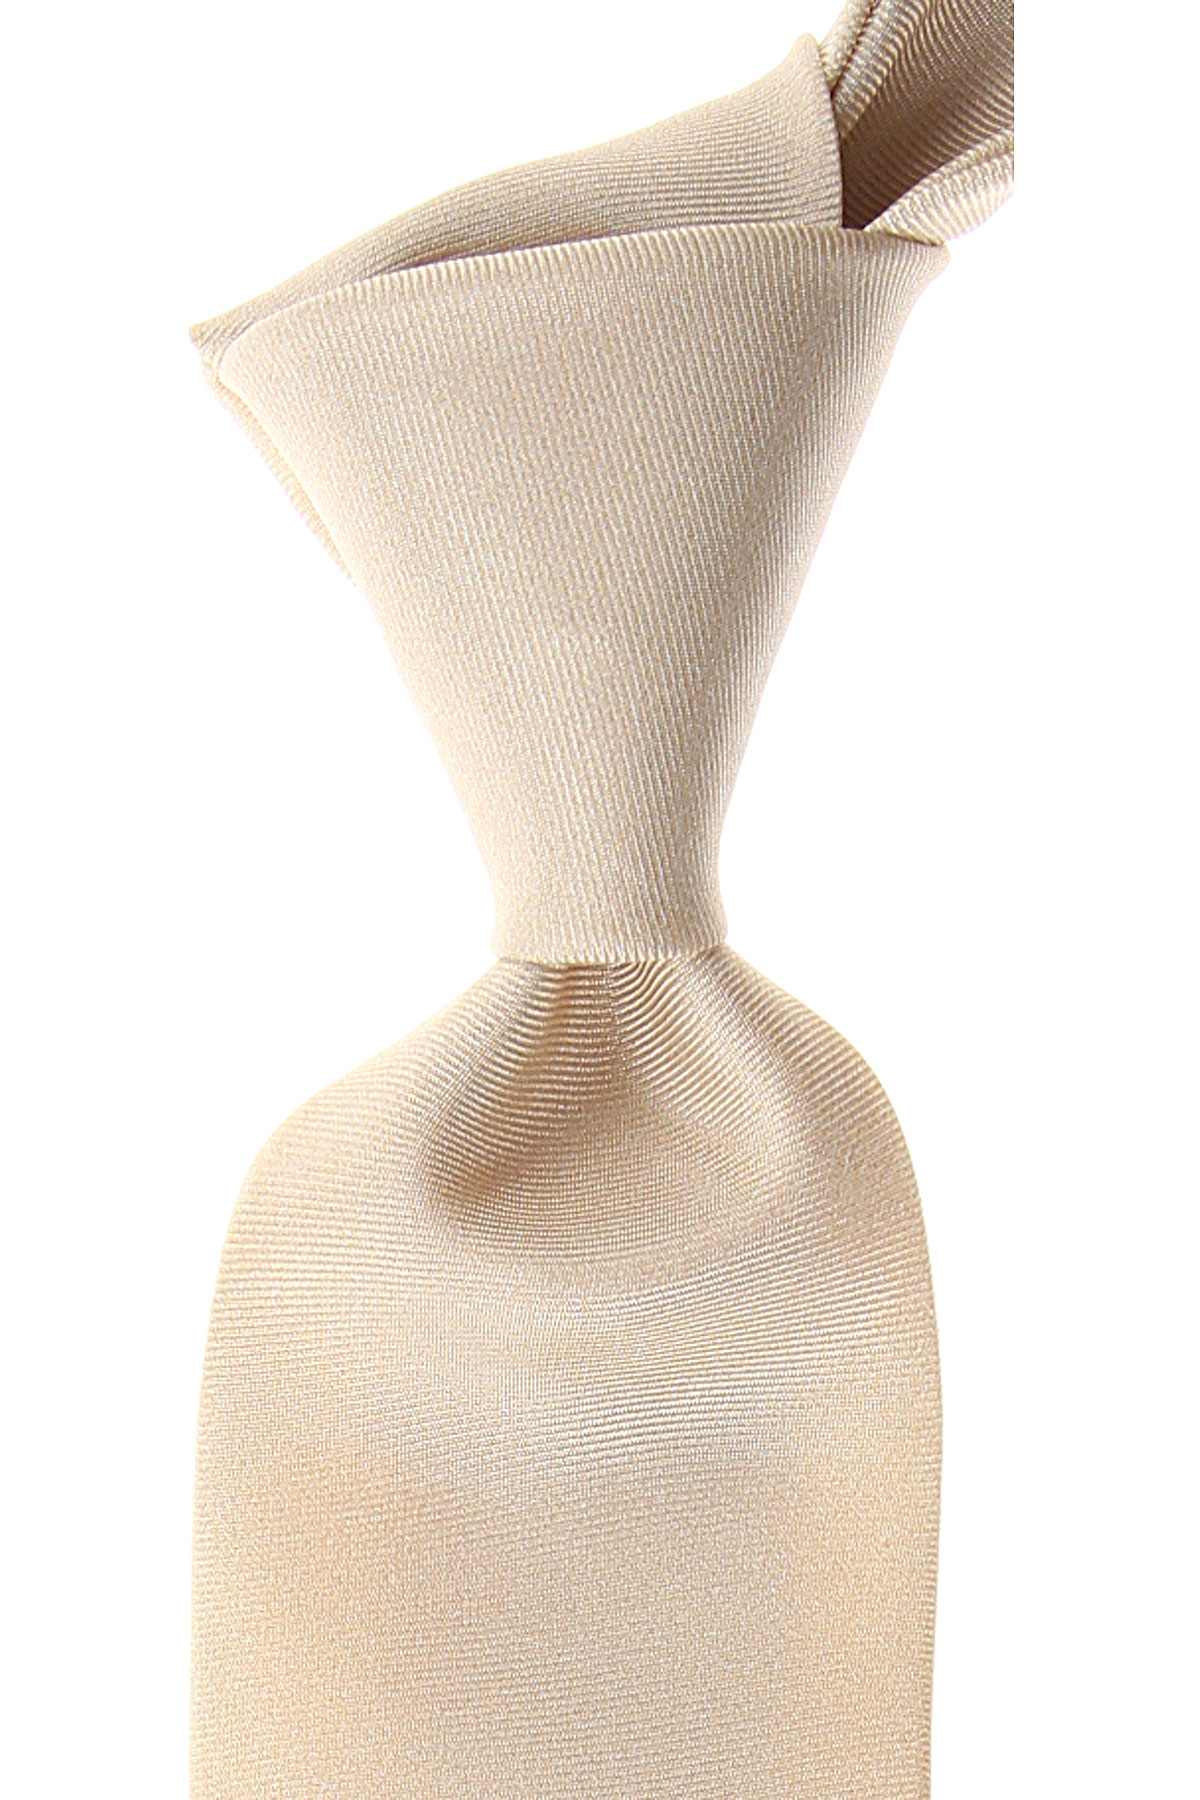 Kenzo Cravates Pas cher en Soldes, Champagne, Soie, 2021